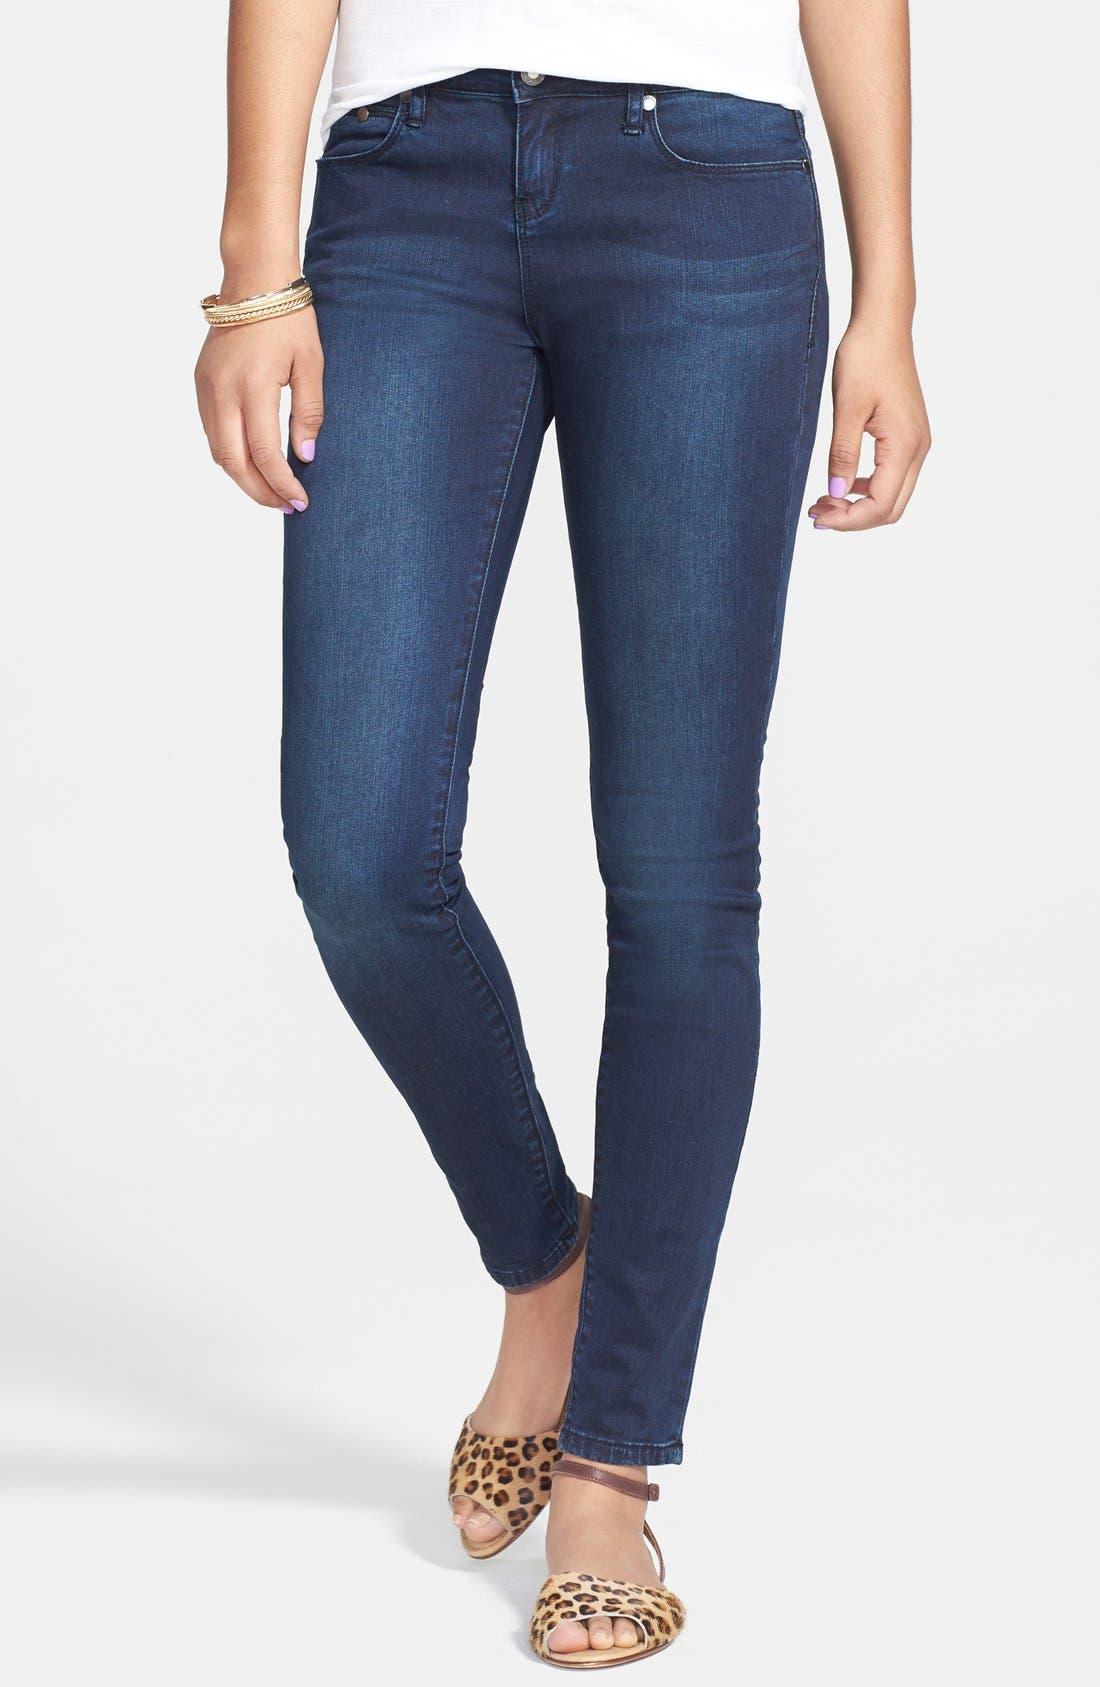 Alternate Image 1 Selected - THIS CITY Skinny Jeans (Dark) (Juniors)